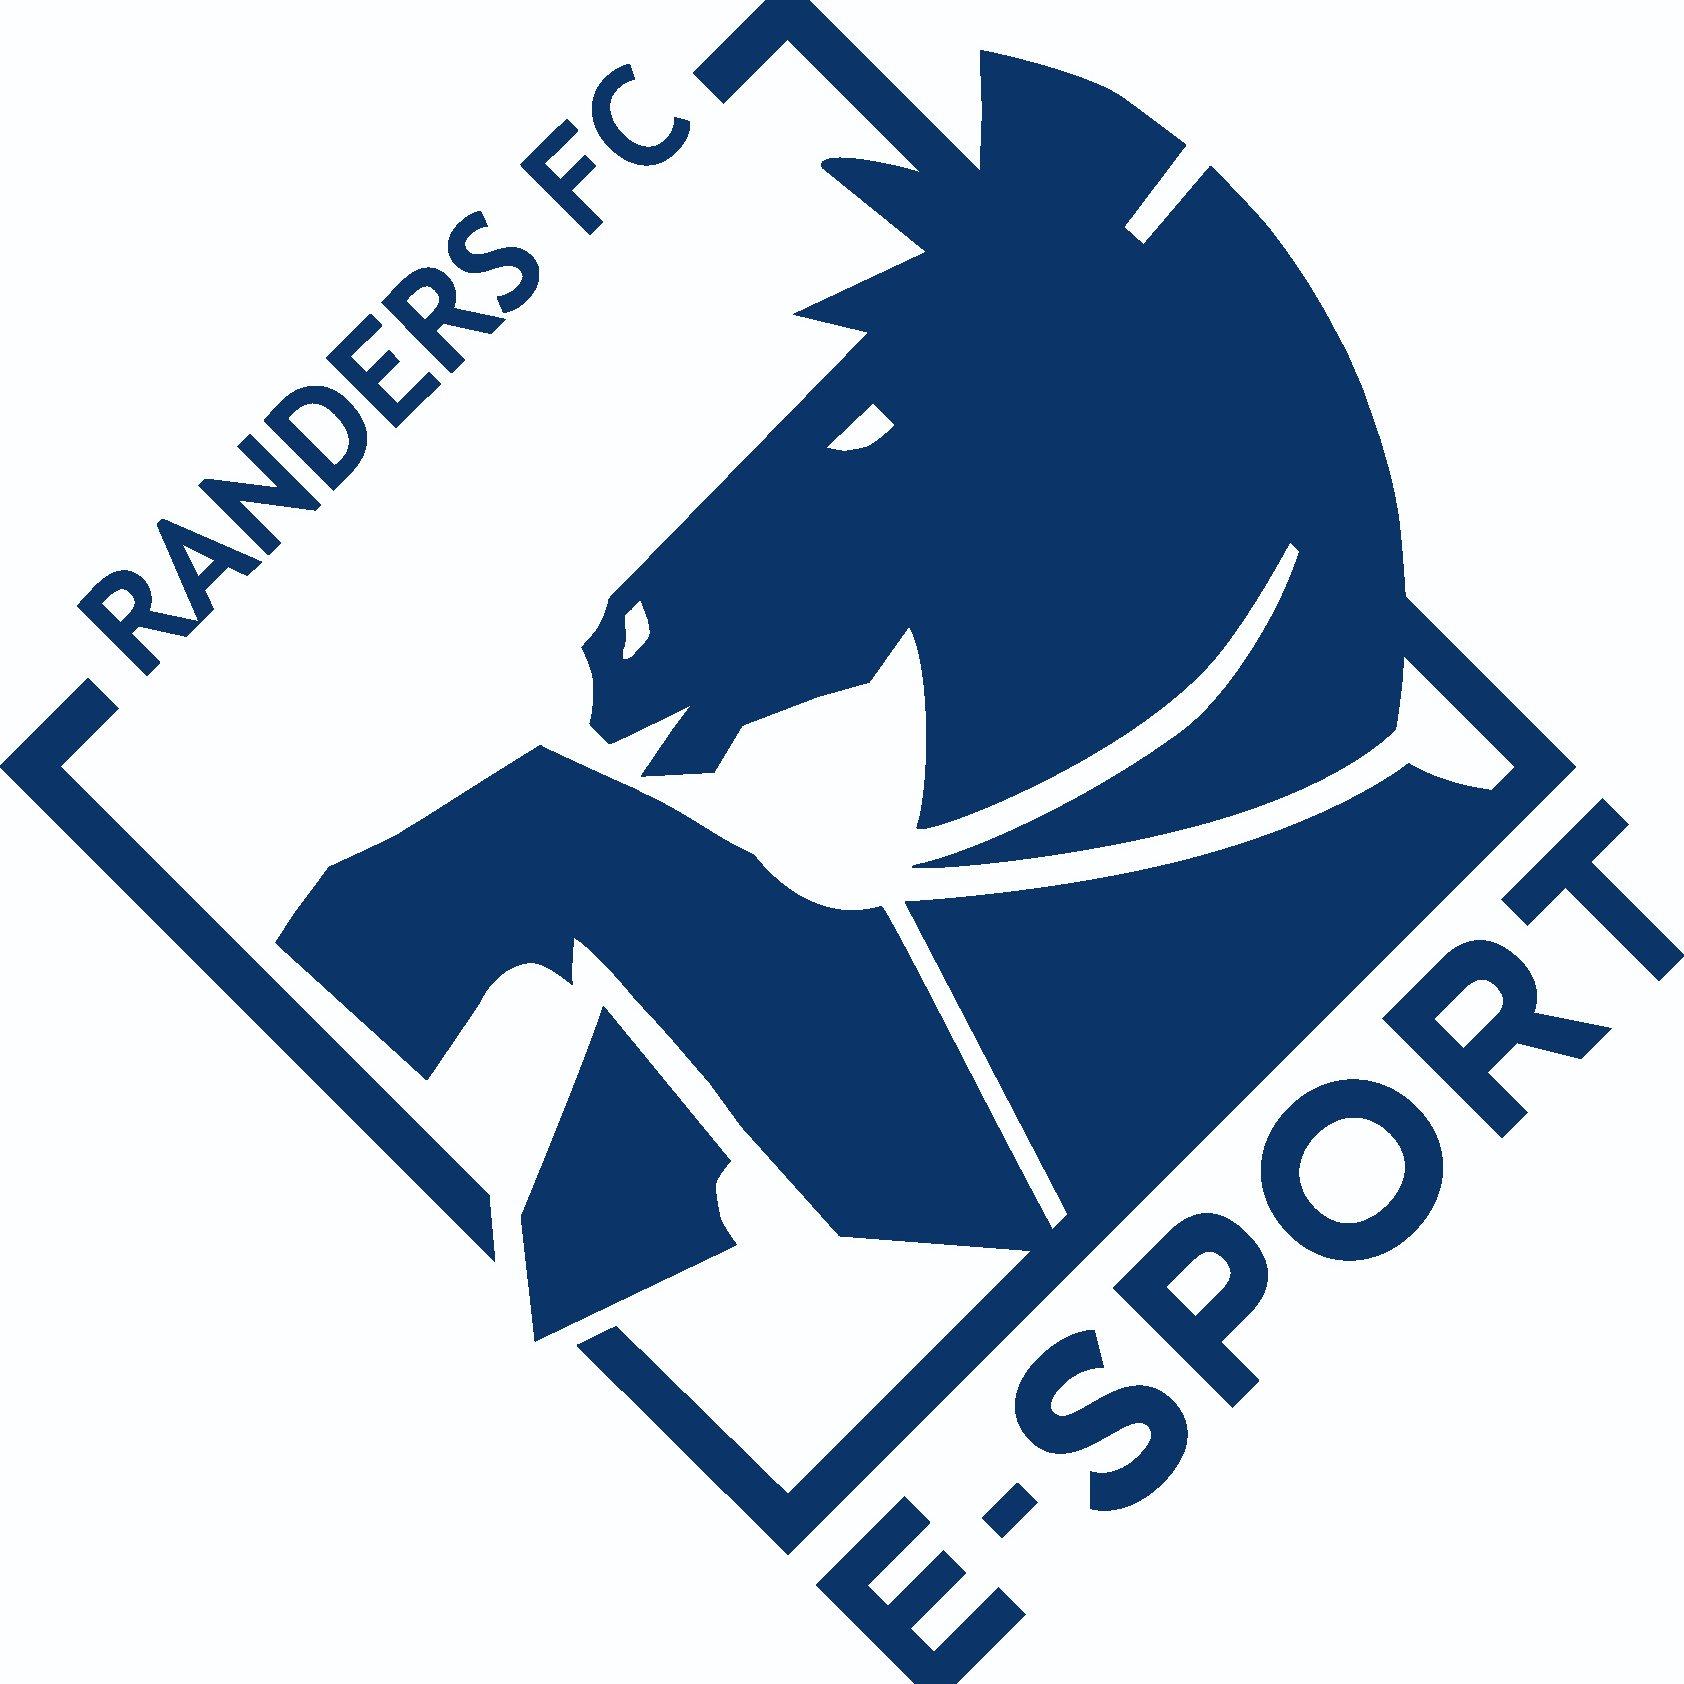 Randers FC eSport